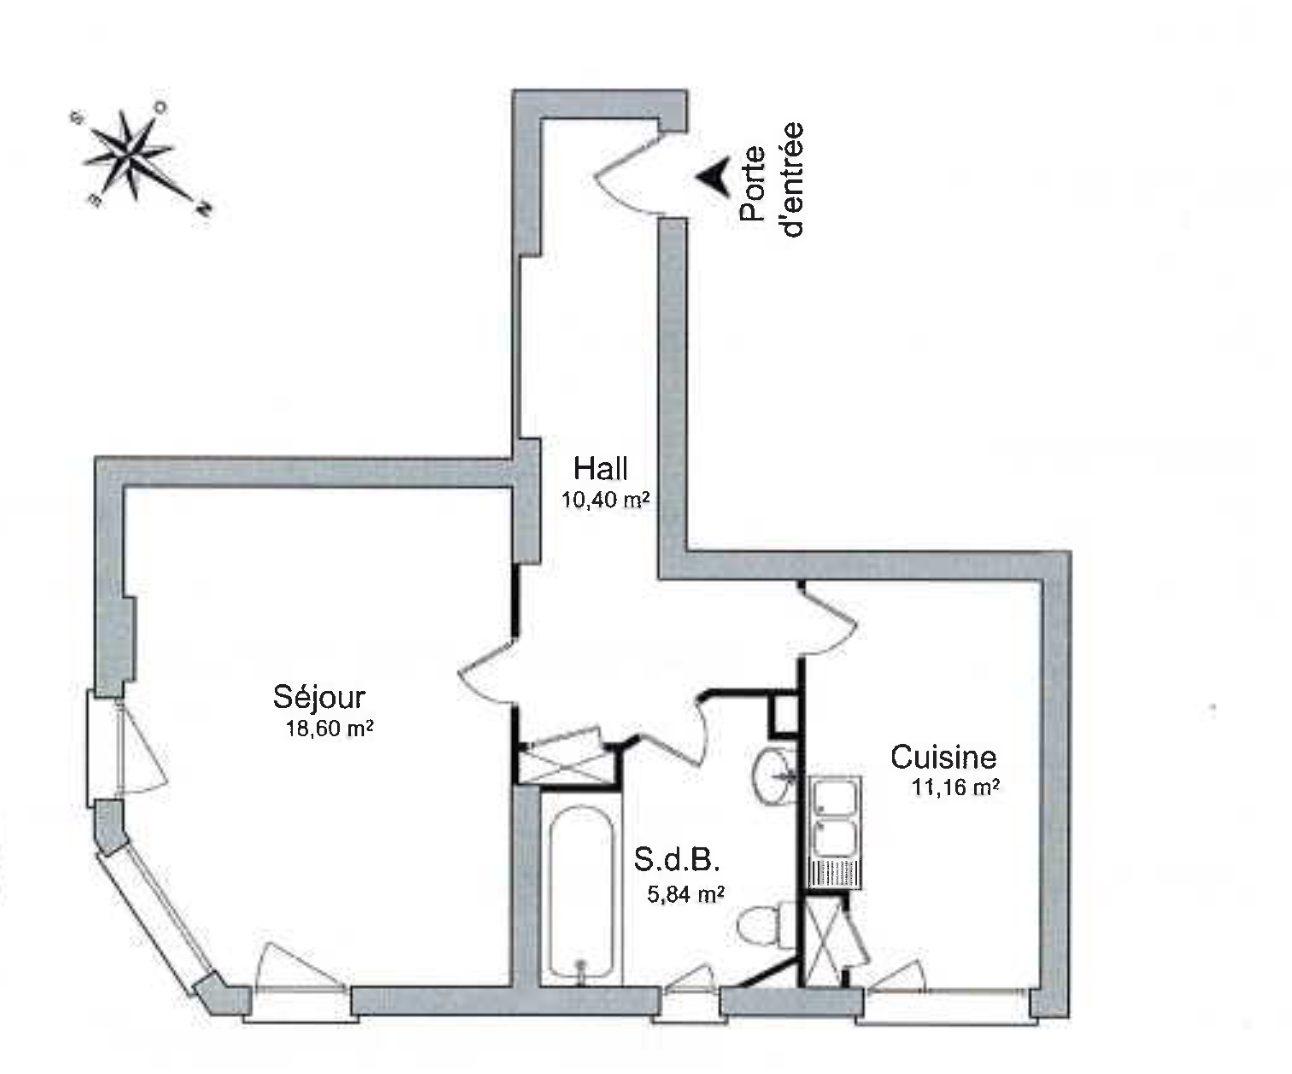 GRAND 1PIÈCE RÉNOVÉ KRUTENAU - Devenez locataire en toute sérénité - Bintz Immobilier - 6